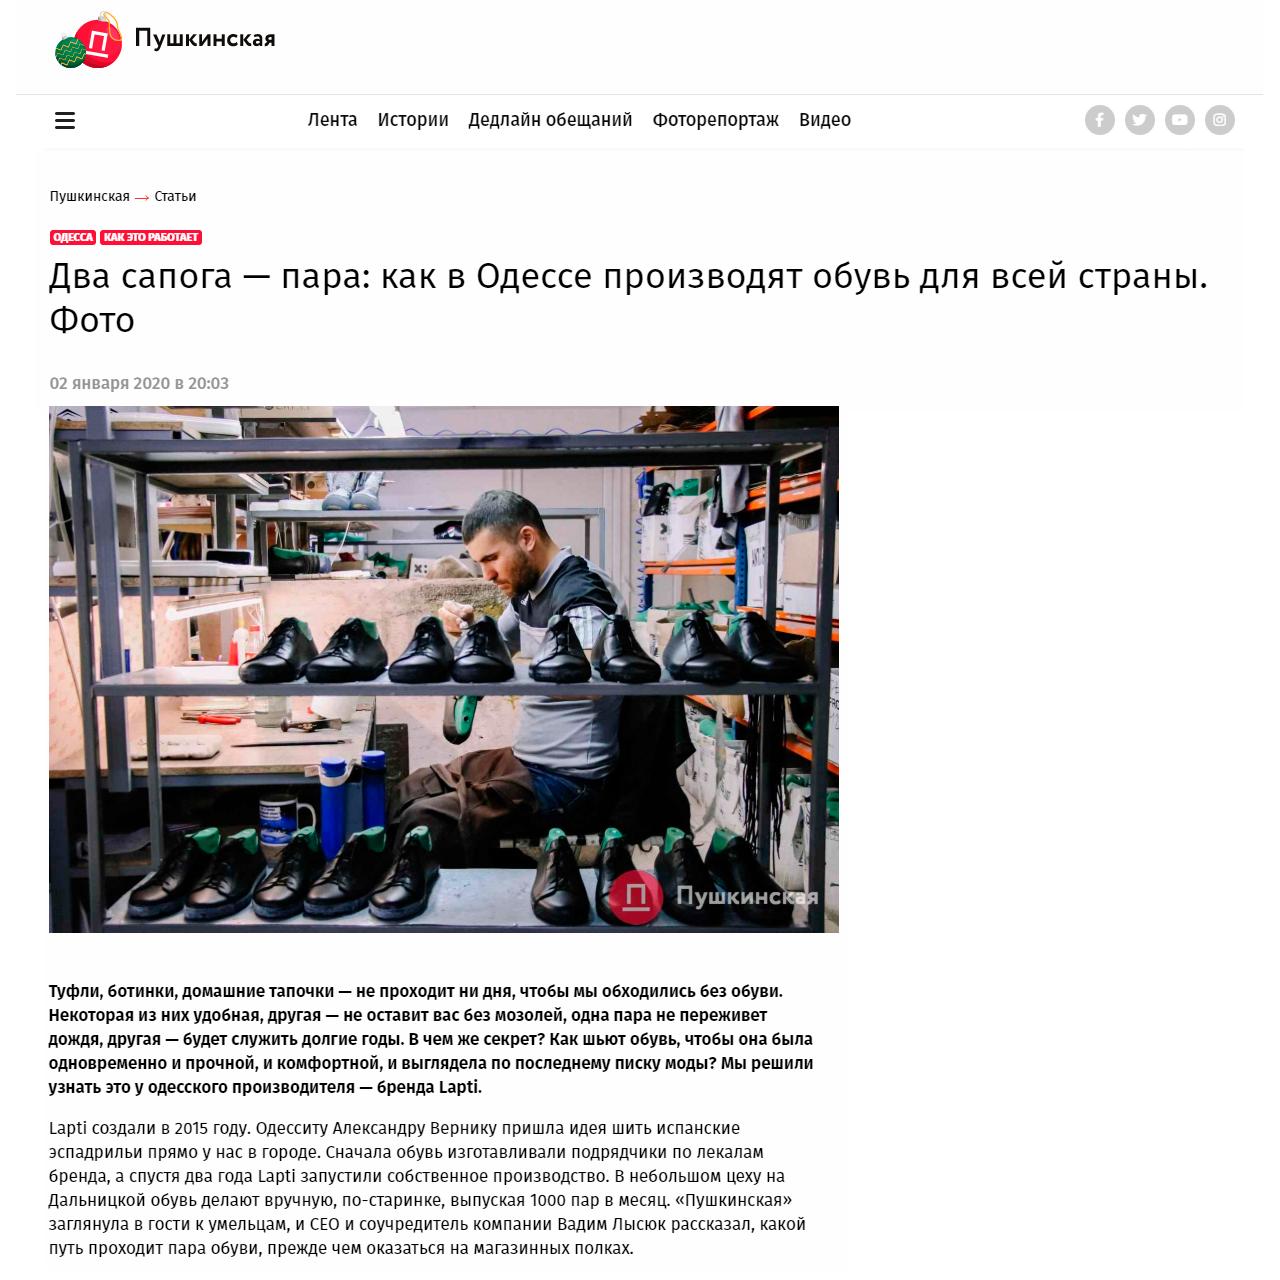 Пушкинская о производстве обуви L.A.P.T.I.